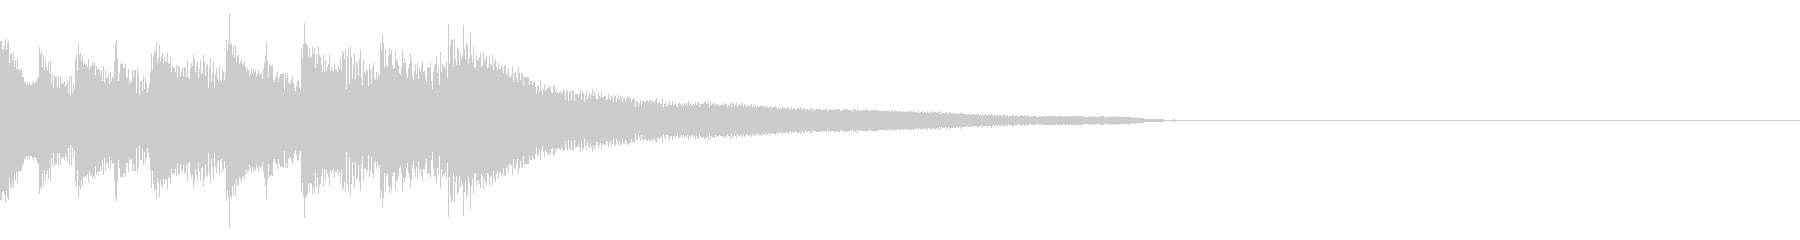 しっとり大人な雰囲気のピアノジングルA1の未再生の波形